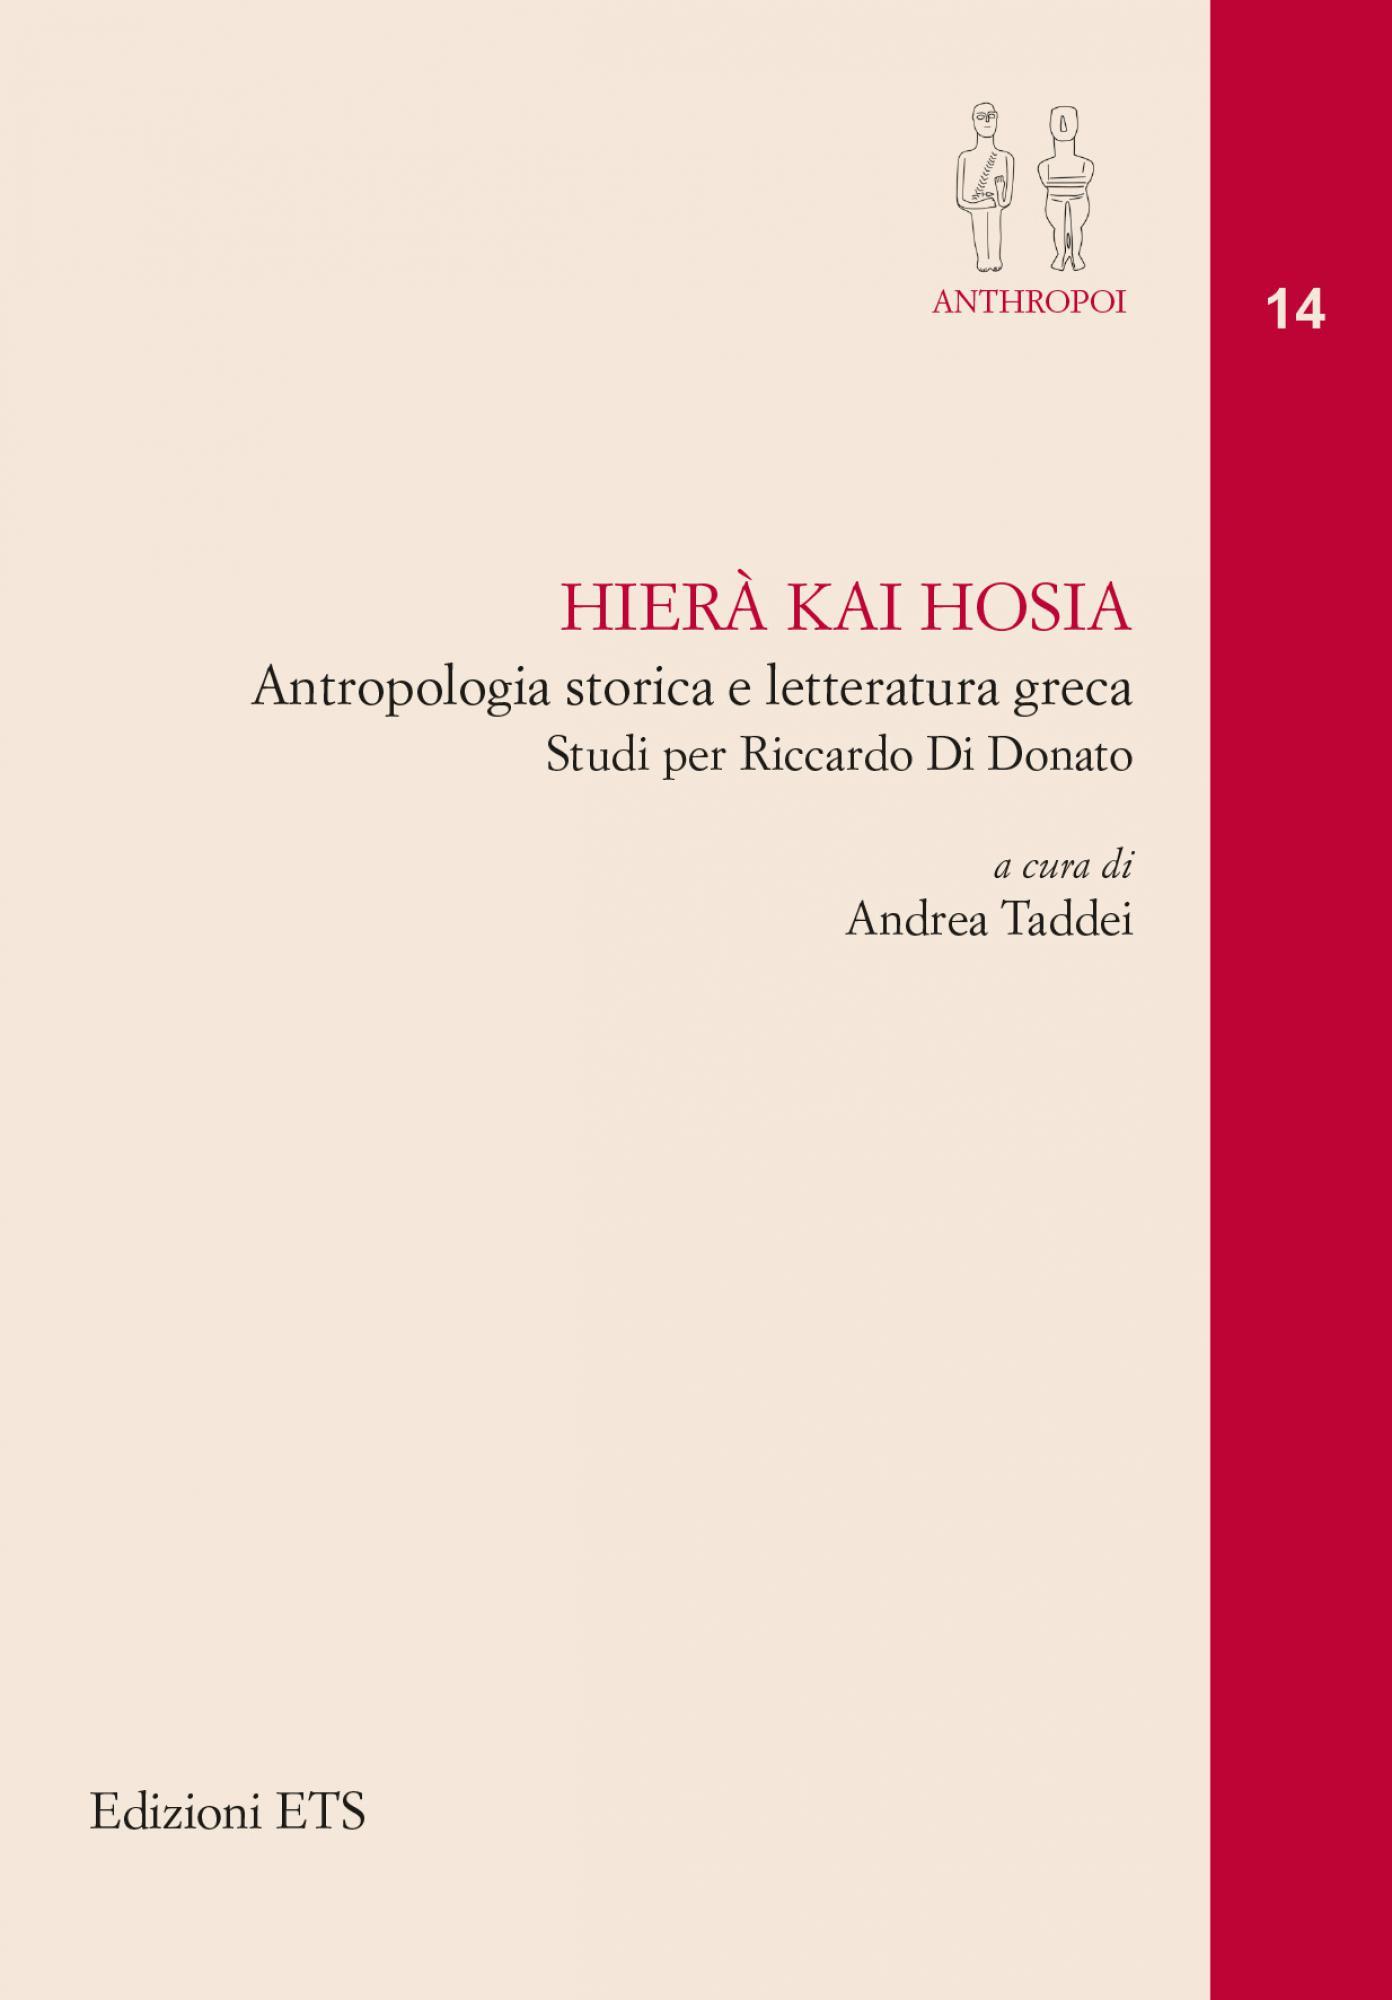 Hierà kai hosia - <em><strong>novità in arrivo</strong></em>.Antropologia storica e letteratura greca - Studi per Riccardo Di Donato